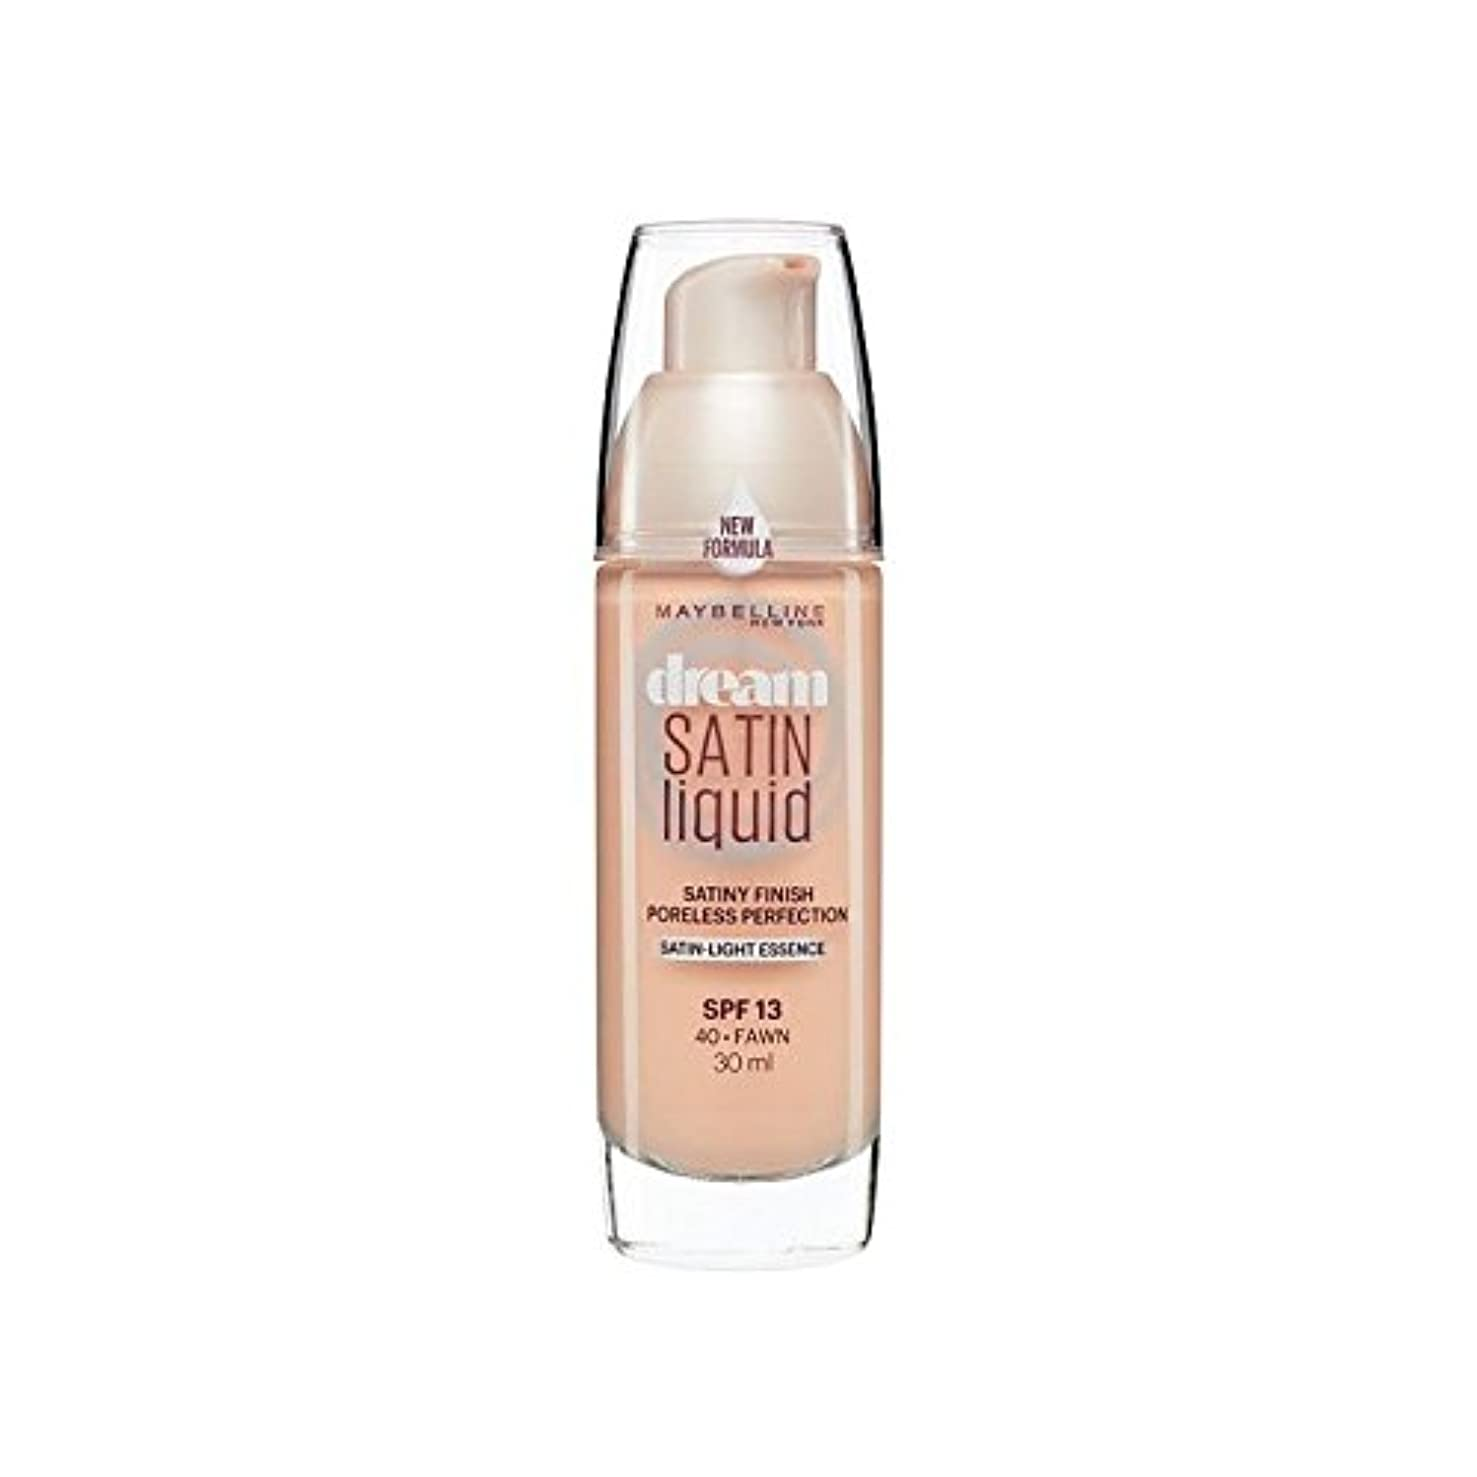 ツール人気の軽蔑するMaybelline Dream Satin Liquid Foundation 40 Fawn 30ml (Pack of 6) - メイベリン夢サテンリキッドファンデーション40子鹿の30ミリリットル x6 [並行輸入品]